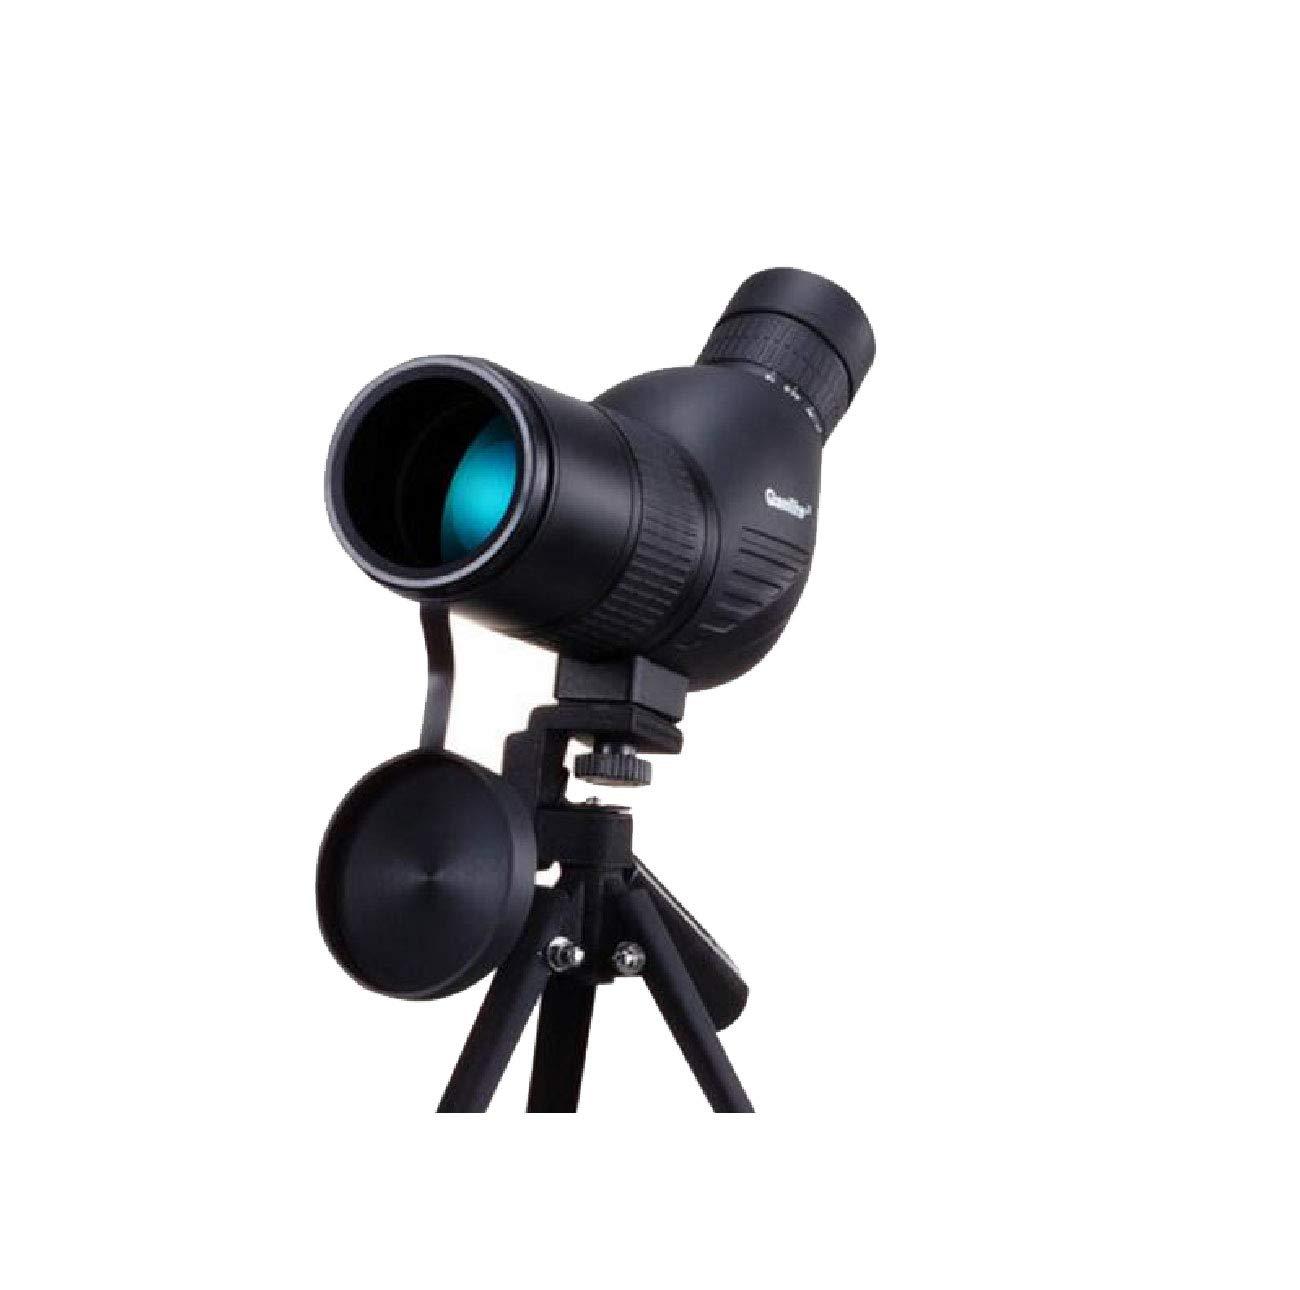 定番 45x50バードウォッチング双眼鏡ハイパワー高精細ズーム単眼ナイトビジョン双眼鏡バードウォッチングを閲覧連続変数コストの夜間視力を   B07HD8CBPG, 和風生活館:1c6dce13 --- a0267596.xsph.ru